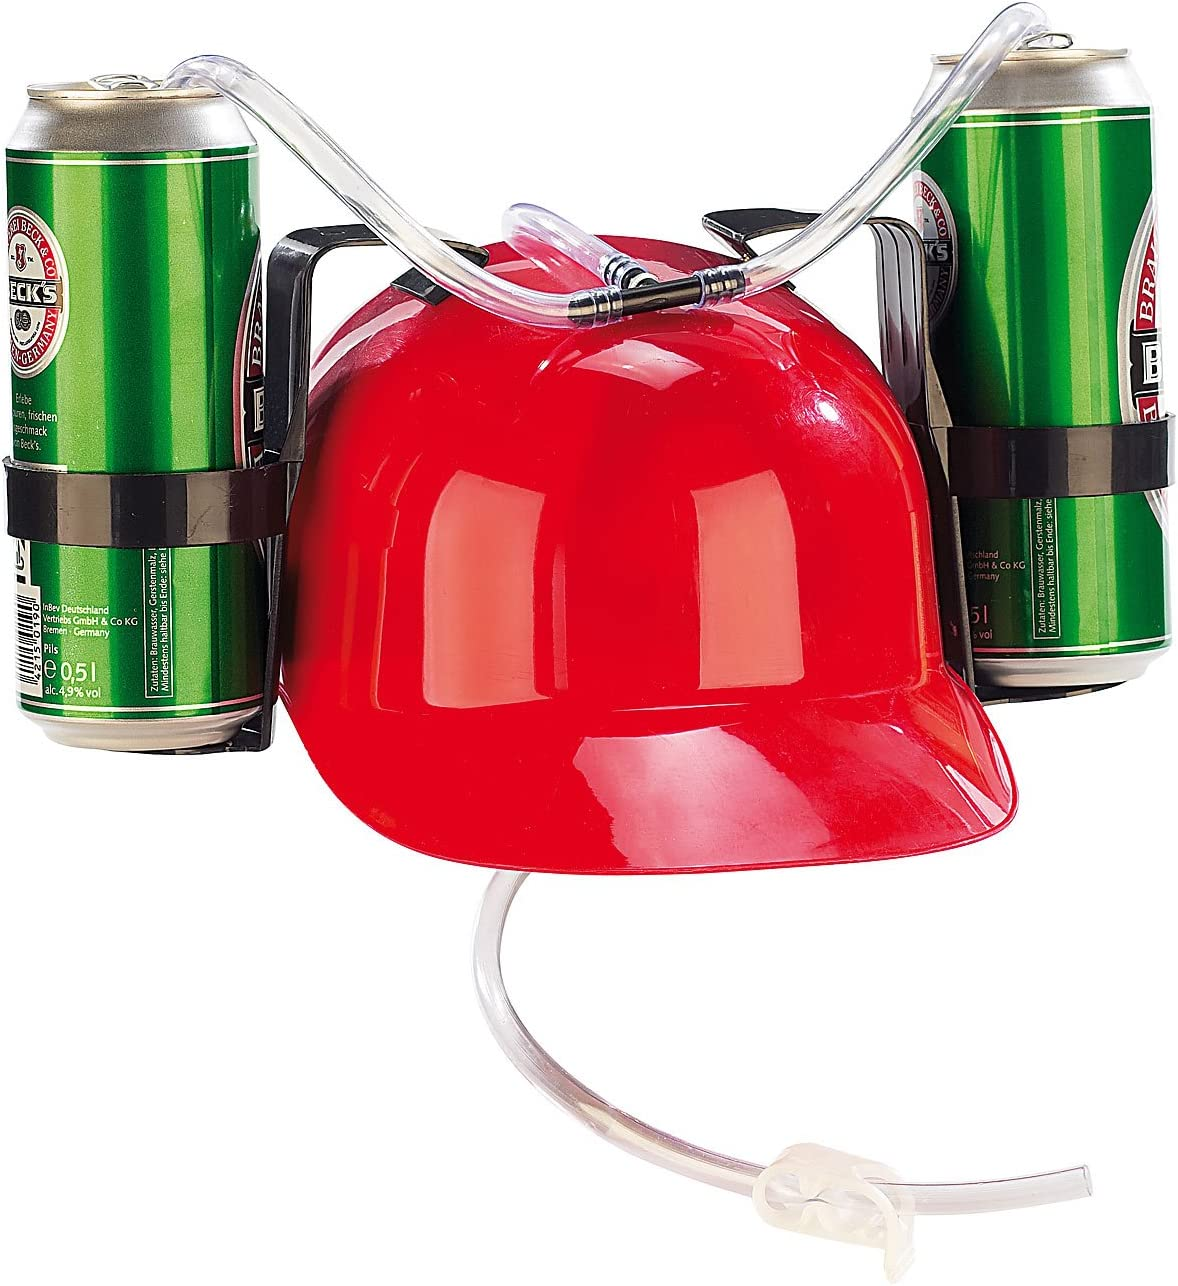 infactory Trinkhelm Trinkerhelm Bierhelm mit 2 Dosenhaltern und Trinkschlauch